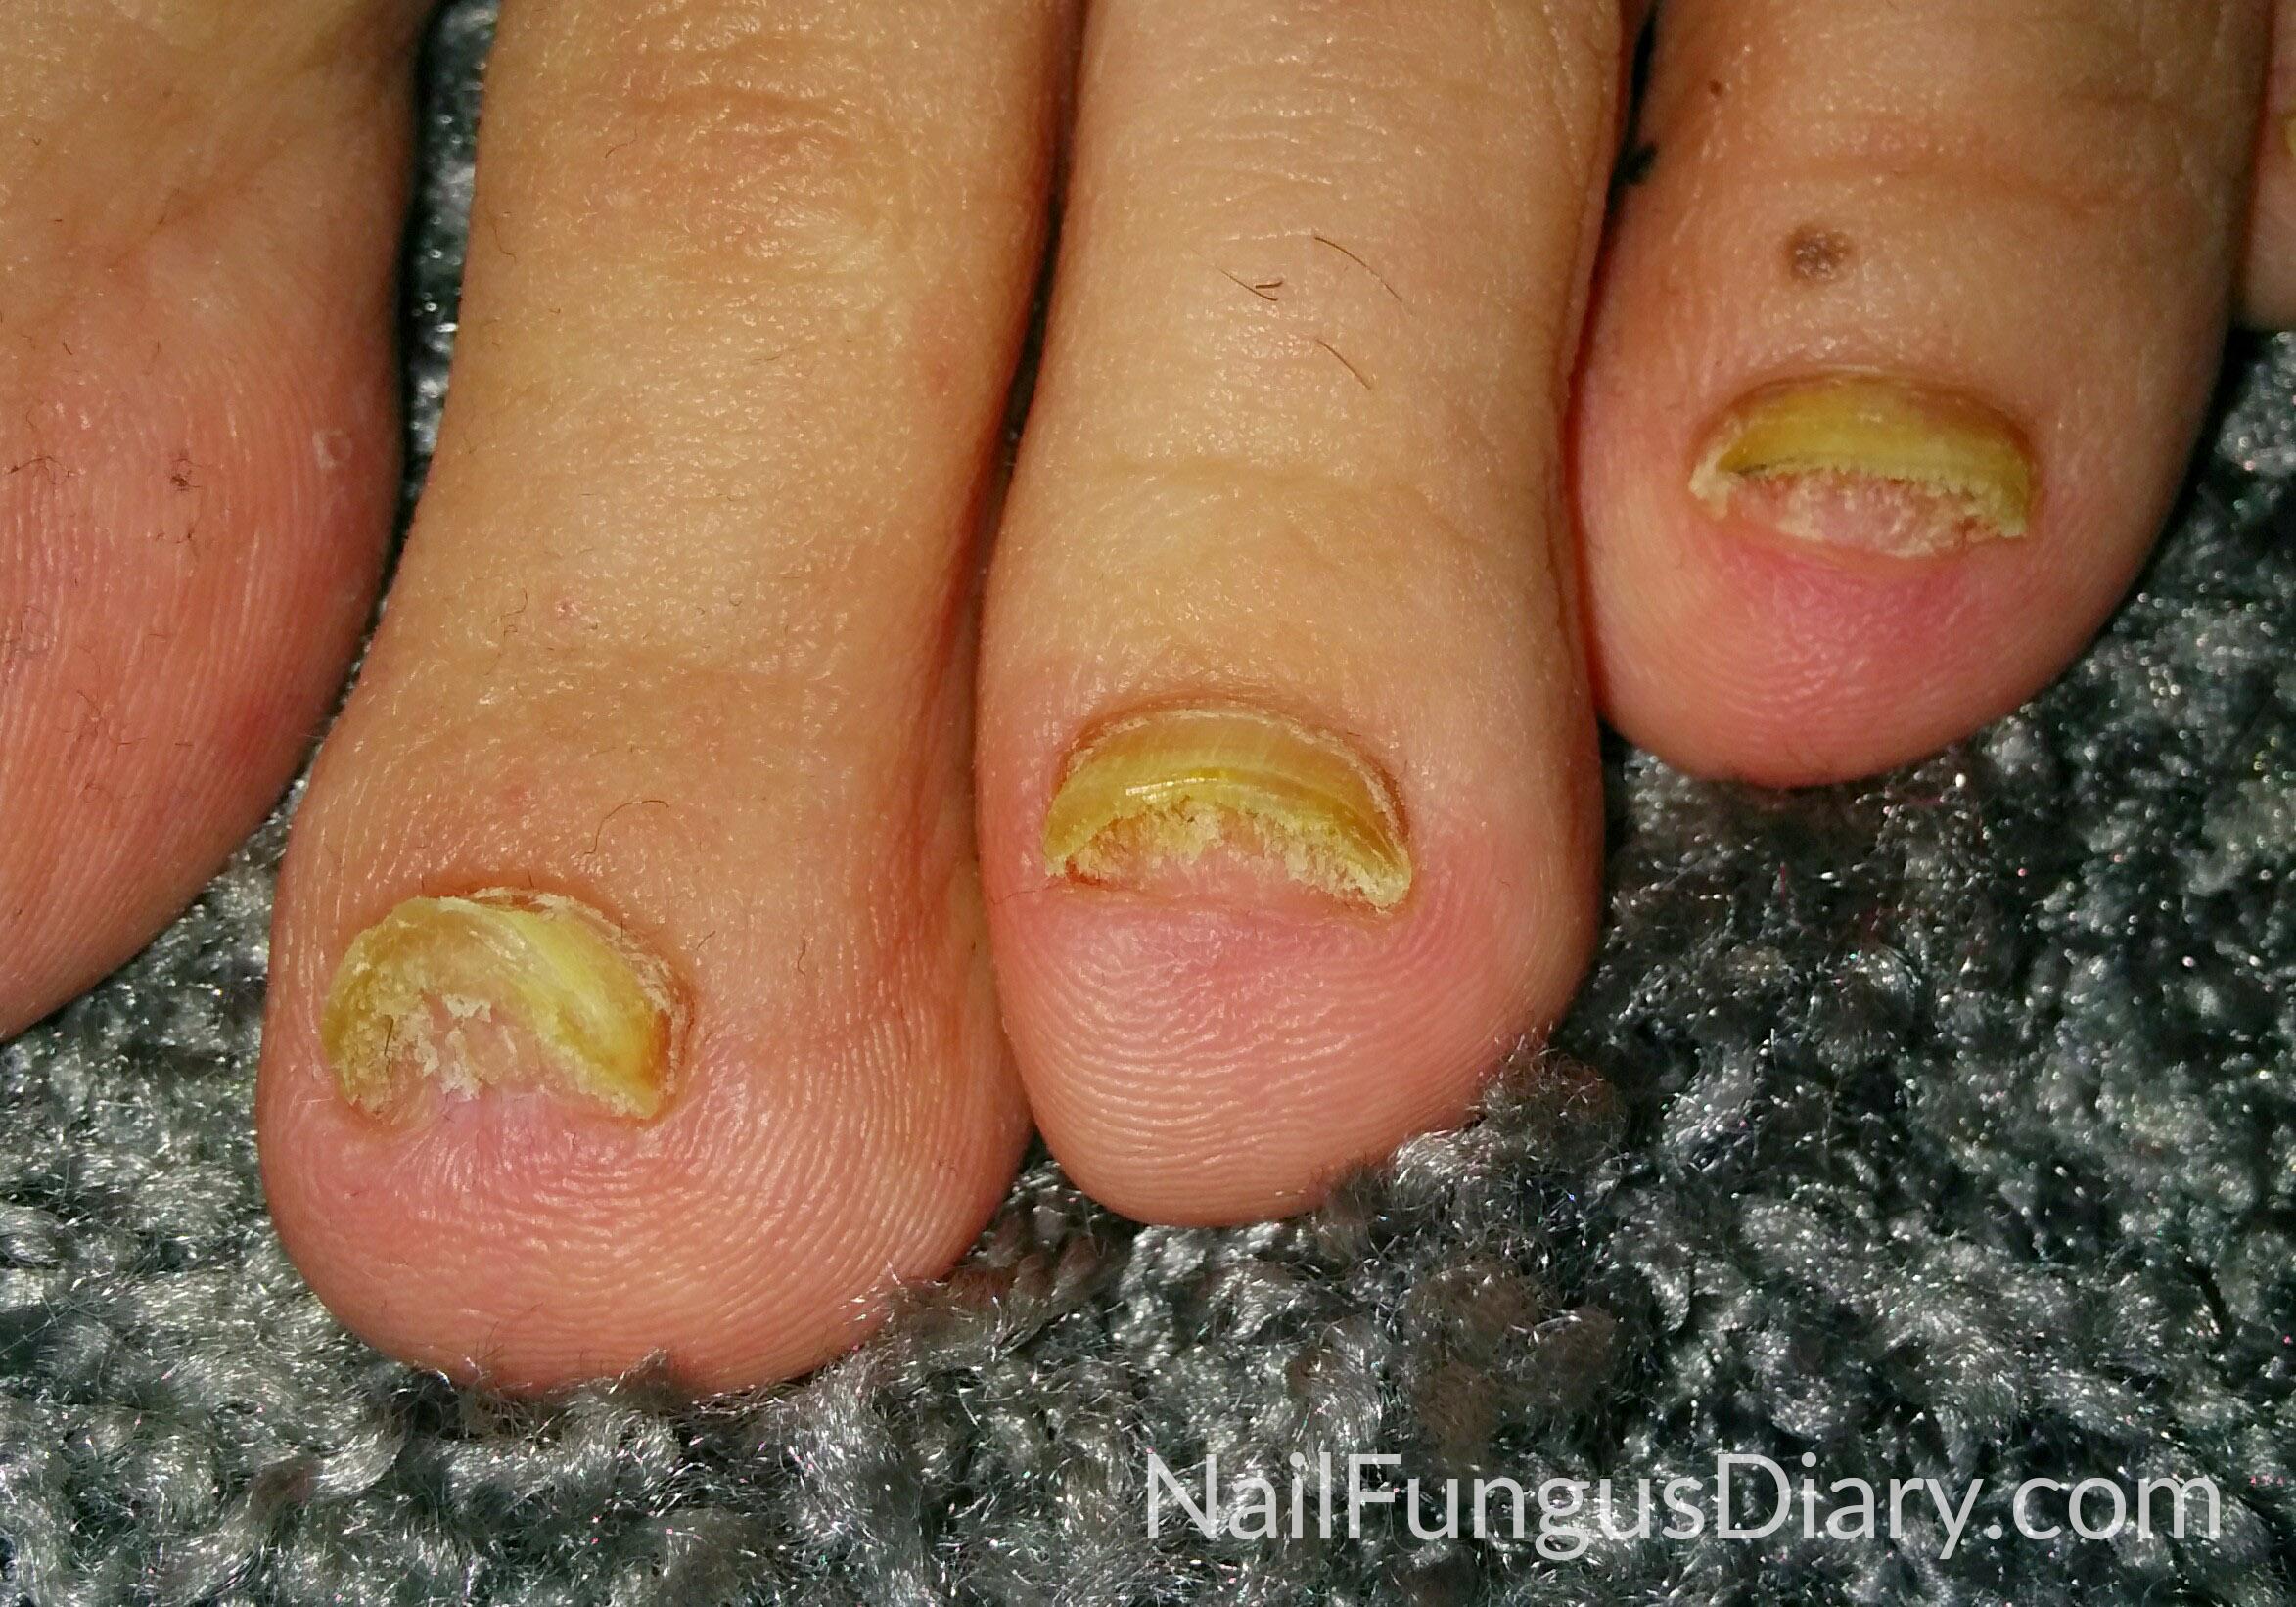 Nail Fungus Update, May 2016 - Nail Fungus Diary